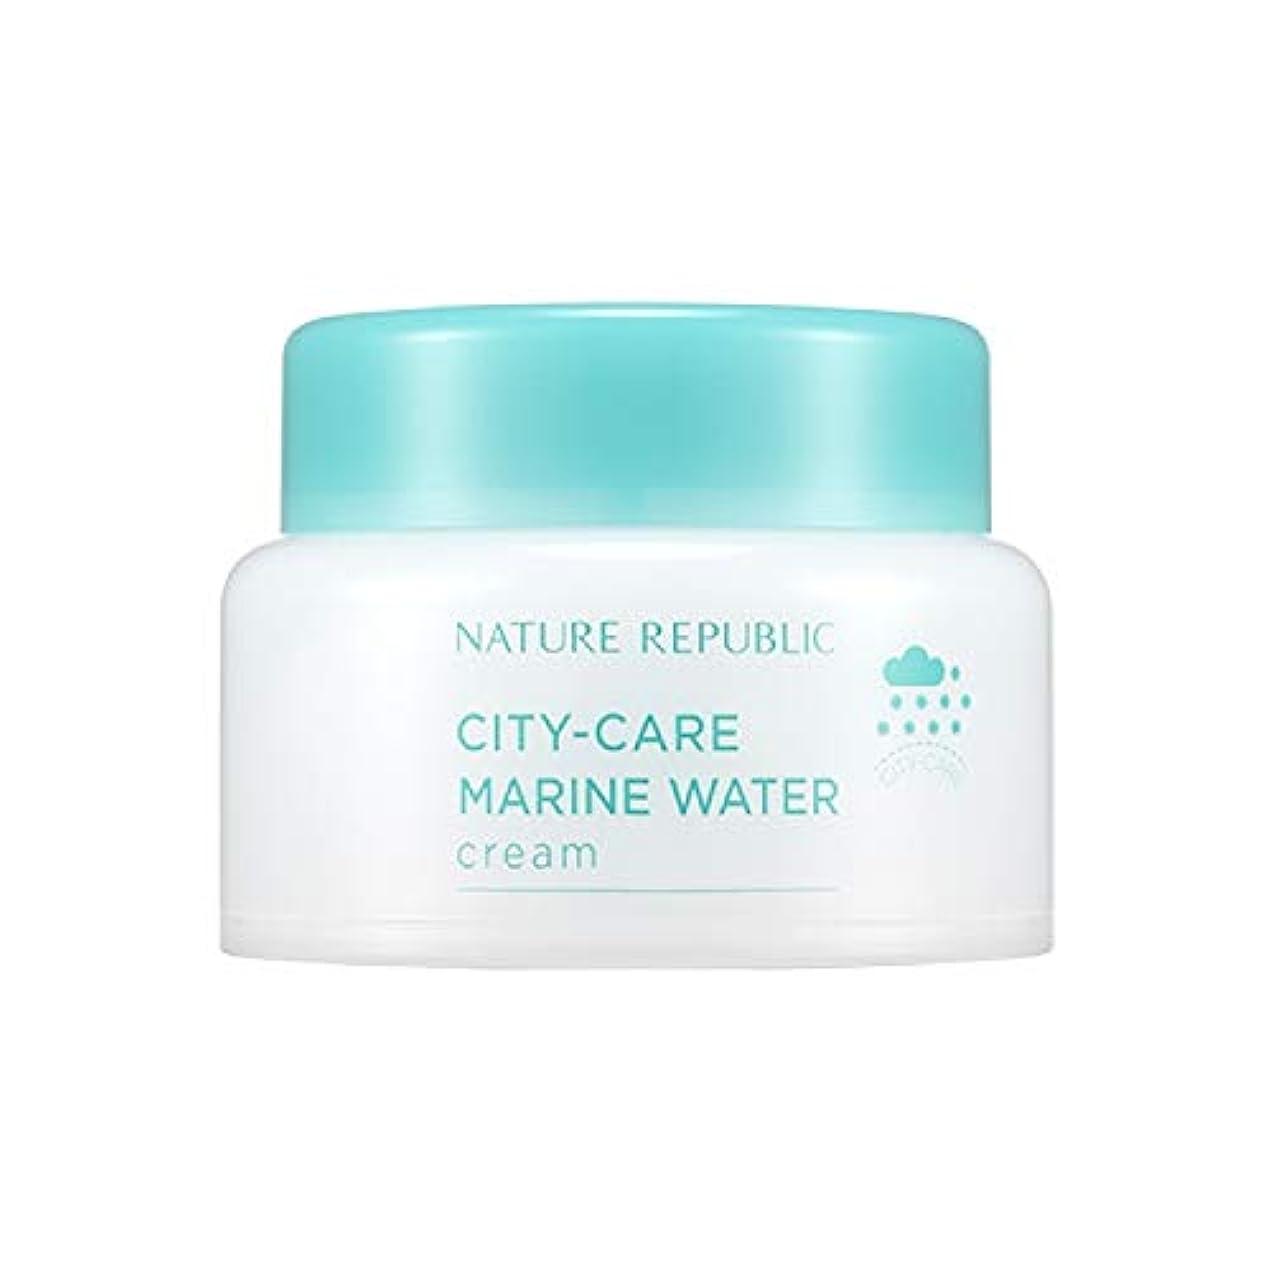 パッケージ絵似ているネイチャーリパブリック(Nature Republic)シティケアマリンウォータークリーム 50ml / City Care Marine Water Cream 50ml :: 韓国コスメ [並行輸入品]